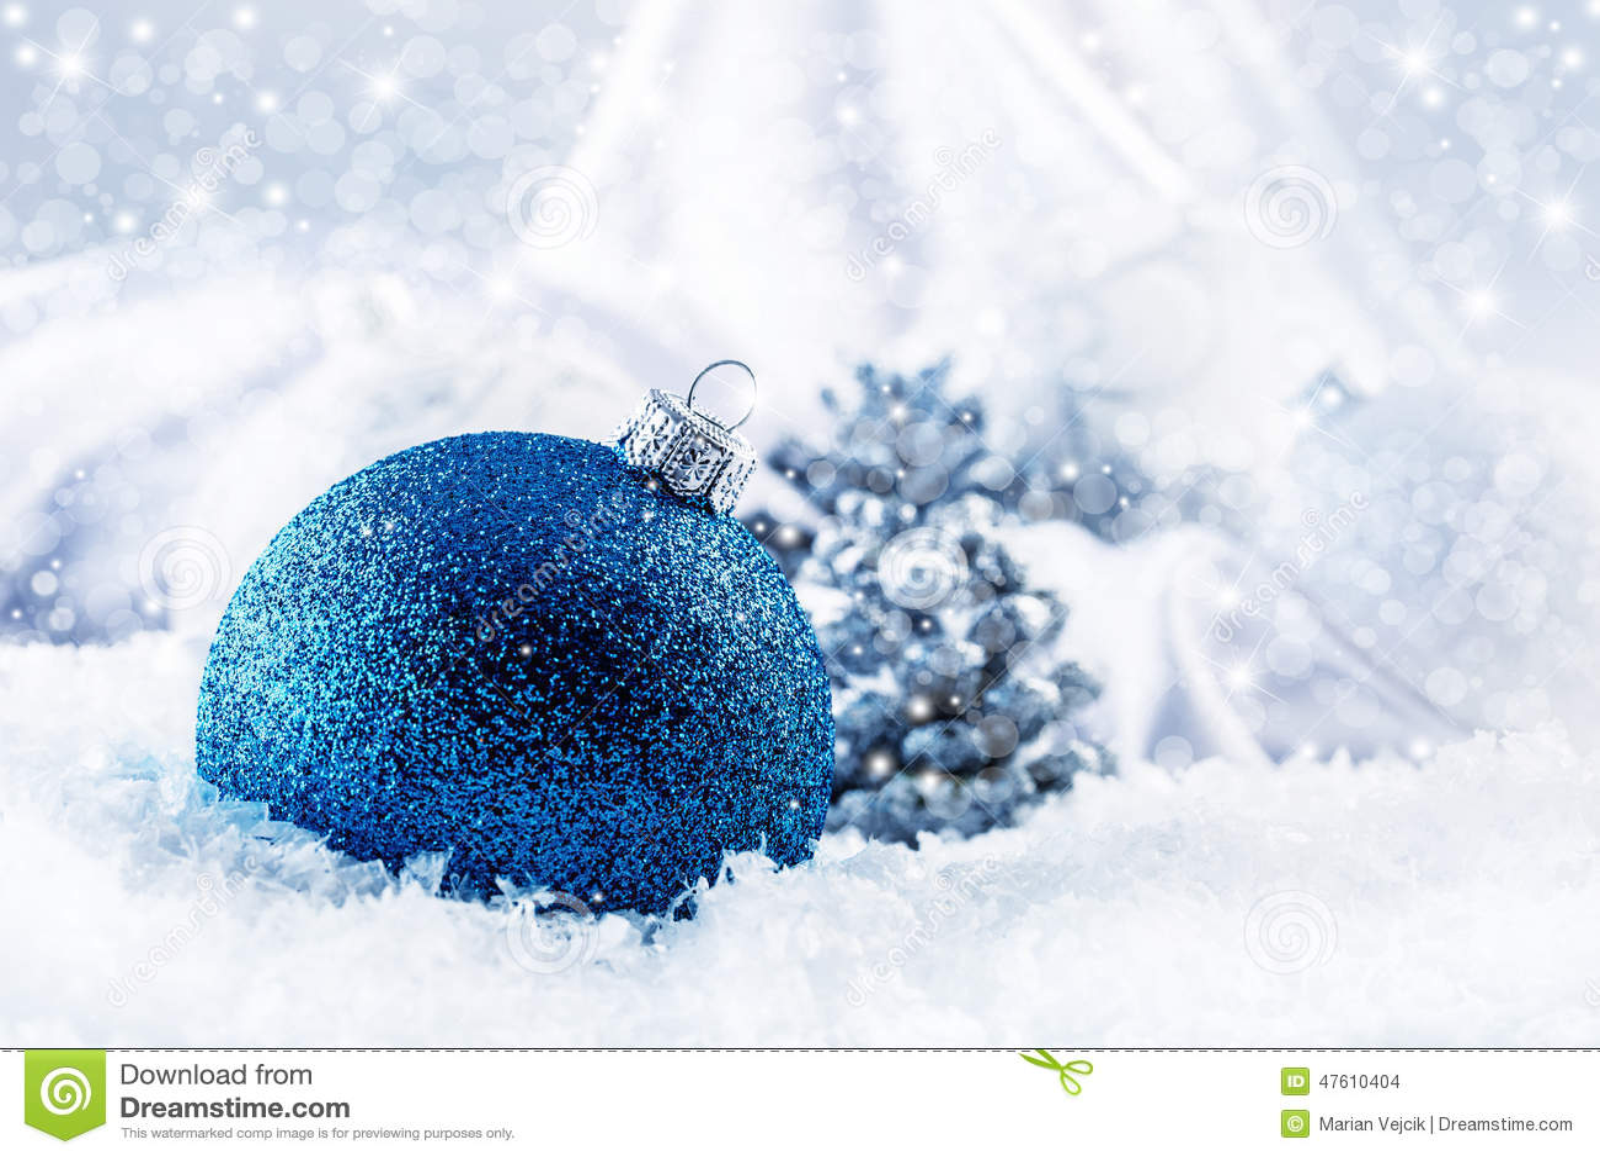 Luxus- blauer Weihnachts-Ball mit Verzierungen in Weihnachten-Snowy-Landschaft